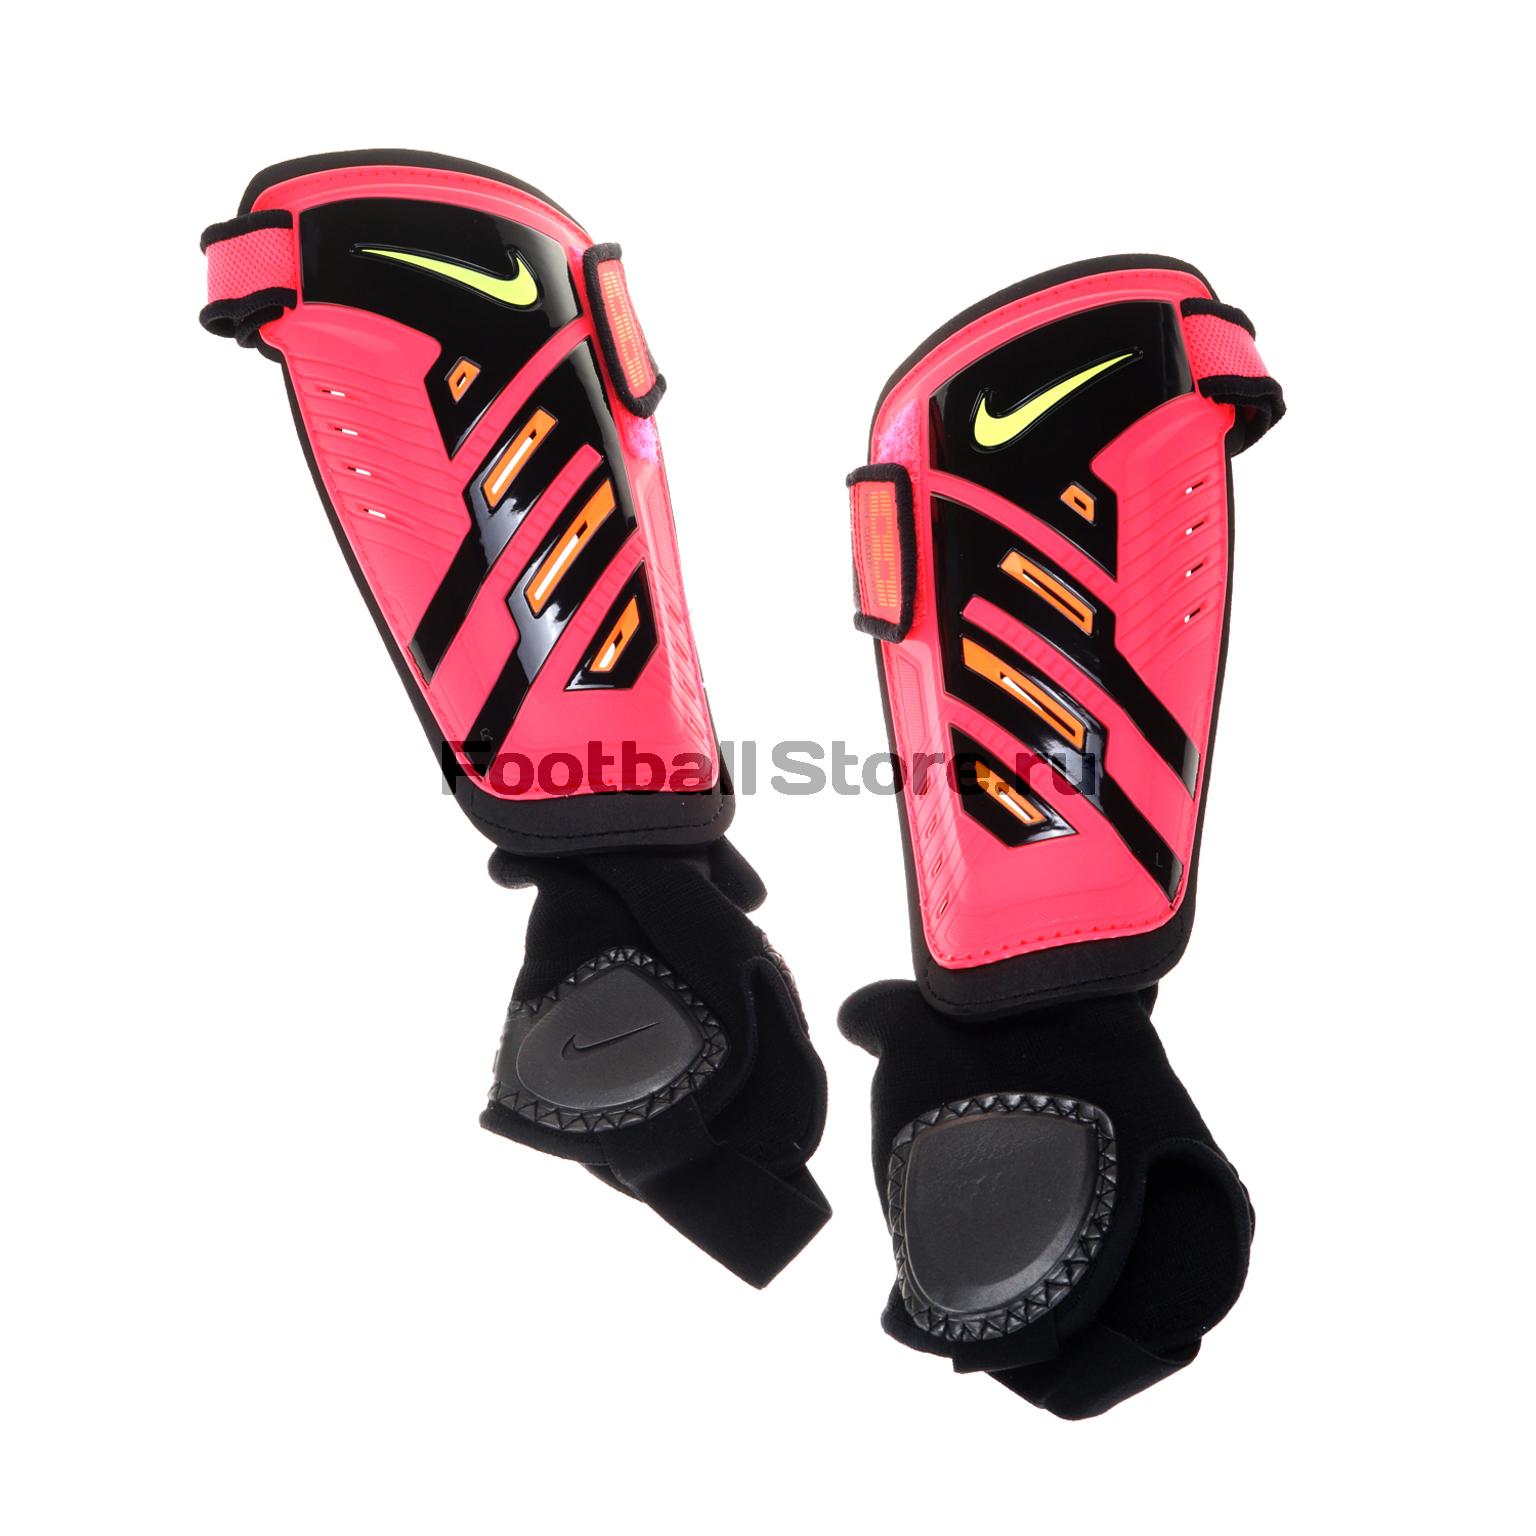 Защита ног Nike Щитки футбольные Nike Protegga Shield SP0255-607